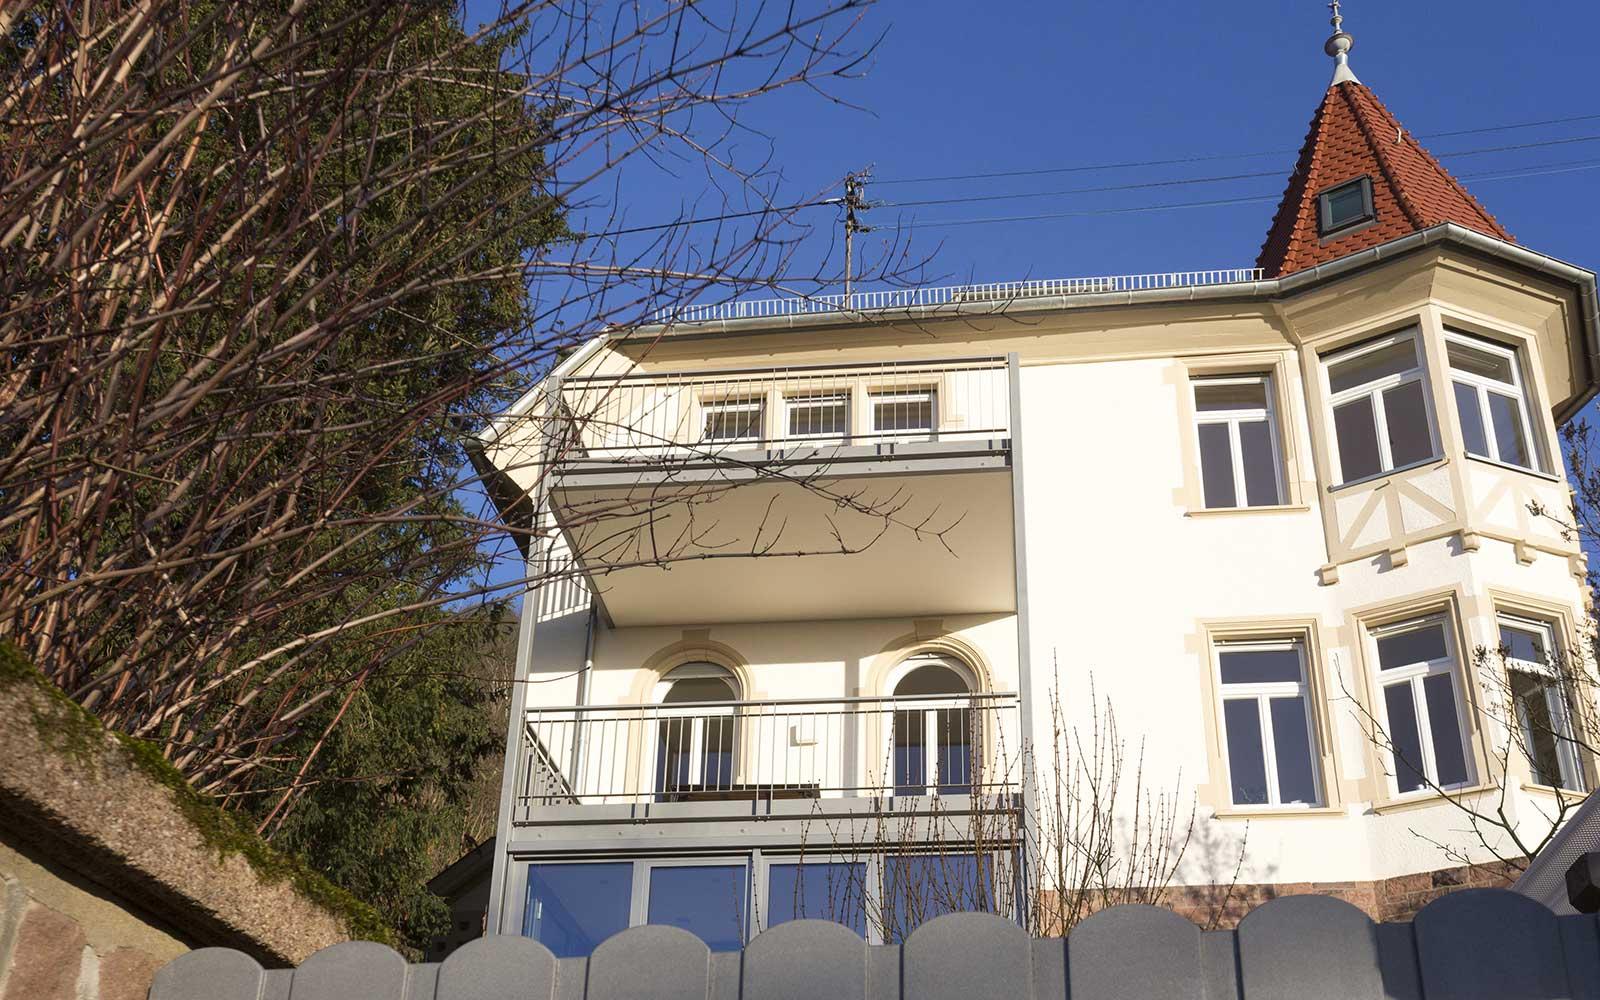 Architektur in Heidelberg: Villa Hilda in der Weststadt